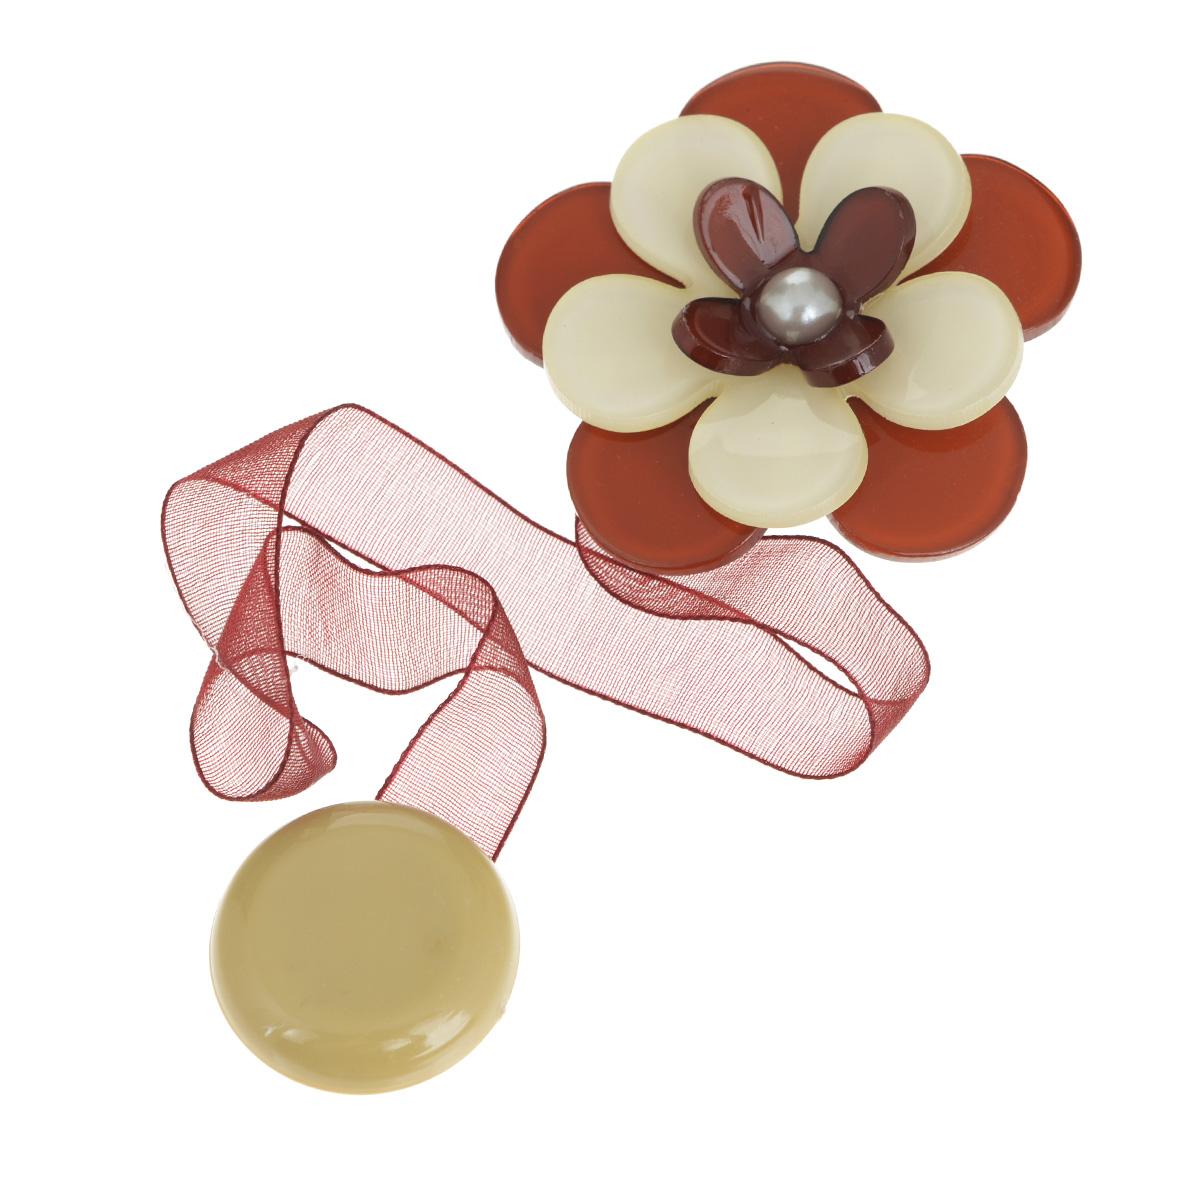 Клипса-магнит для штор Calamita Fiore, цвет: бордовый, бежевый. 7704013_6337704013_633Клипса-магнит Calamita Fiore, изготовленная из пластика и полиэстера, предназначена для придания формы шторам. Изделие представляет собой два магнита, расположенные на разных концах текстильной ленты. Один из магнитов оформлен декоративным цветком. С помощью такой магнитной клипсы можно зафиксировать портьеры, придать им требуемое положение, сделать складки симметричными или приблизить портьеры, скрепить их.Клипсы для штор являются универсальным изделием, которое превосходно подойдет как для штор в детской комнате, так и для штор в гостиной. Следует отметить, что клипсы для штор выполняют не только практическую функцию, но также являются одной из основных деталей декора, которая придает шторам восхитительный, стильный внешний вид. Диаметр декоративного цветка: 5 см. Длина ленты: 28 см.